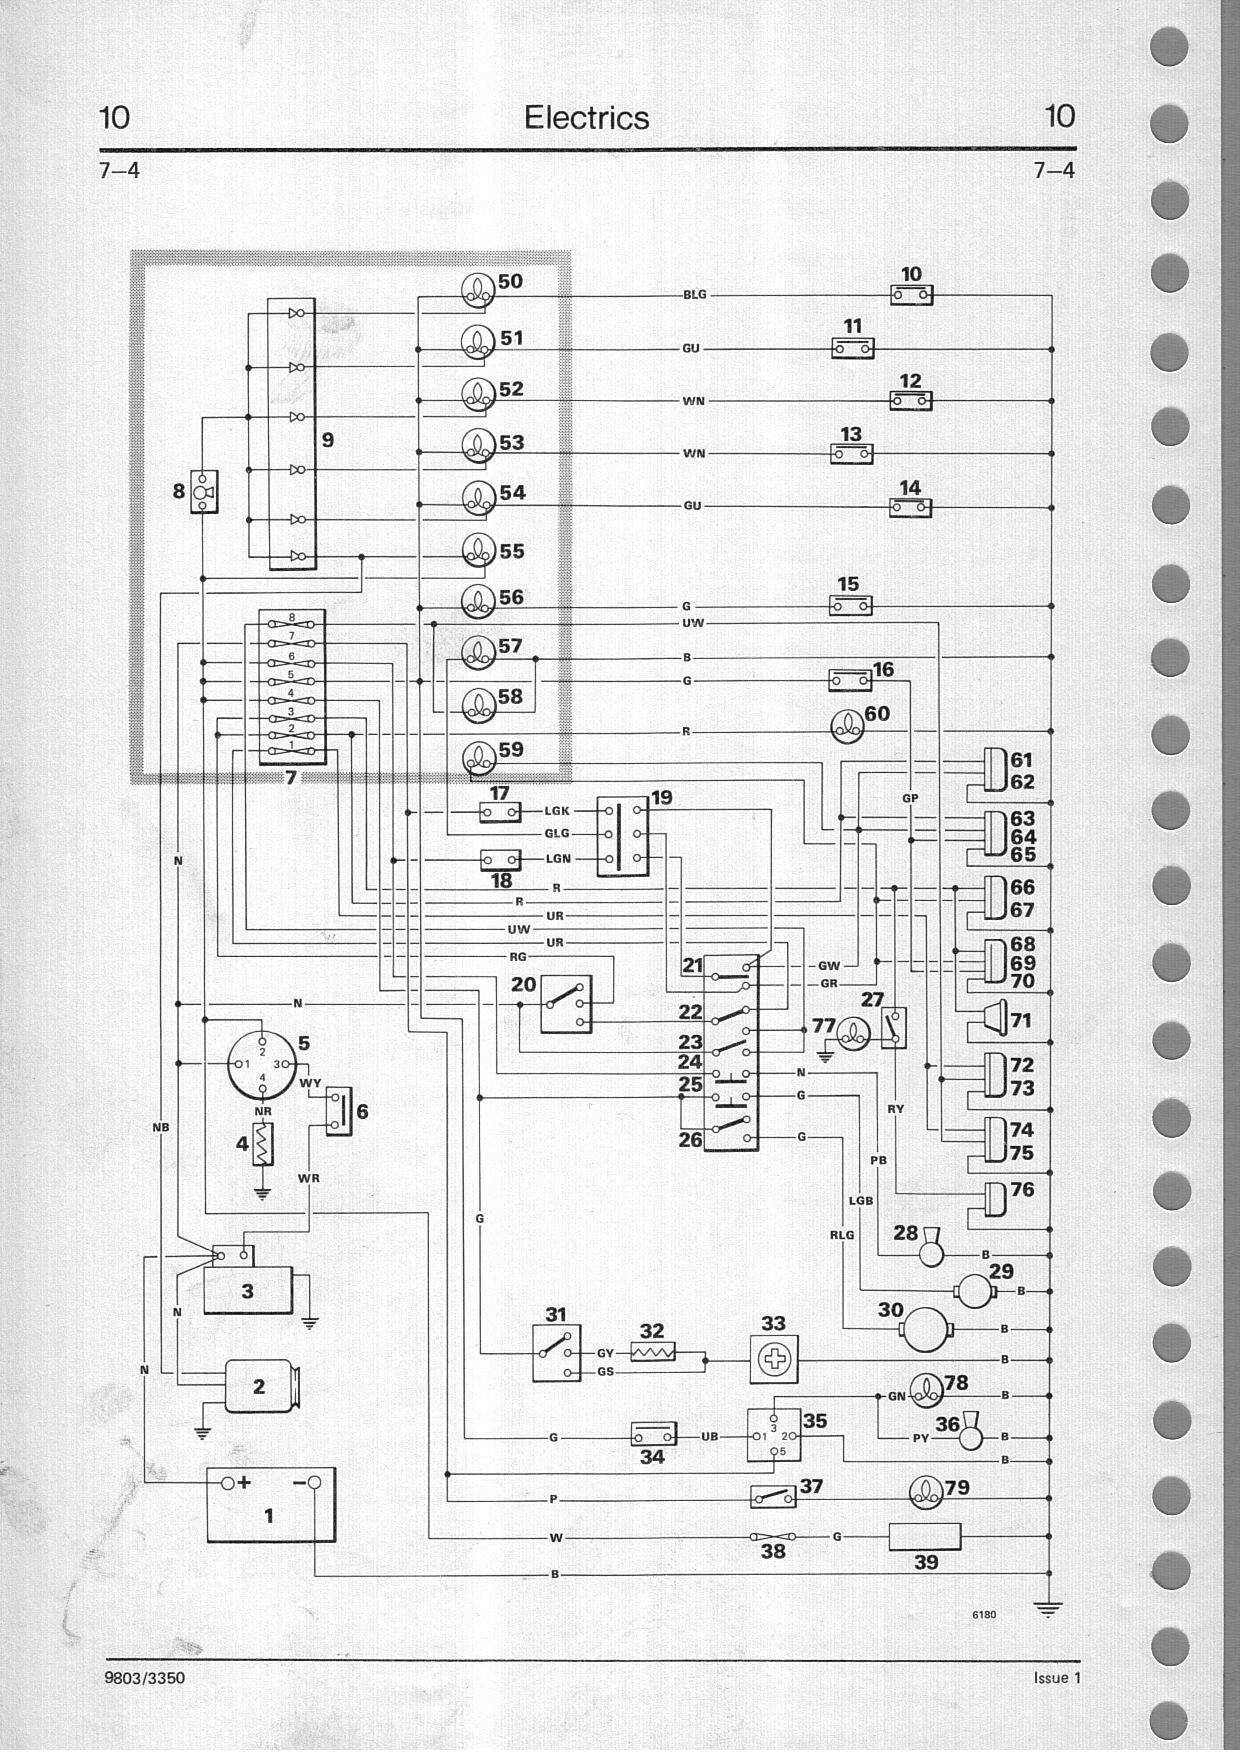 Jcb 532 120 Wiring Diagram